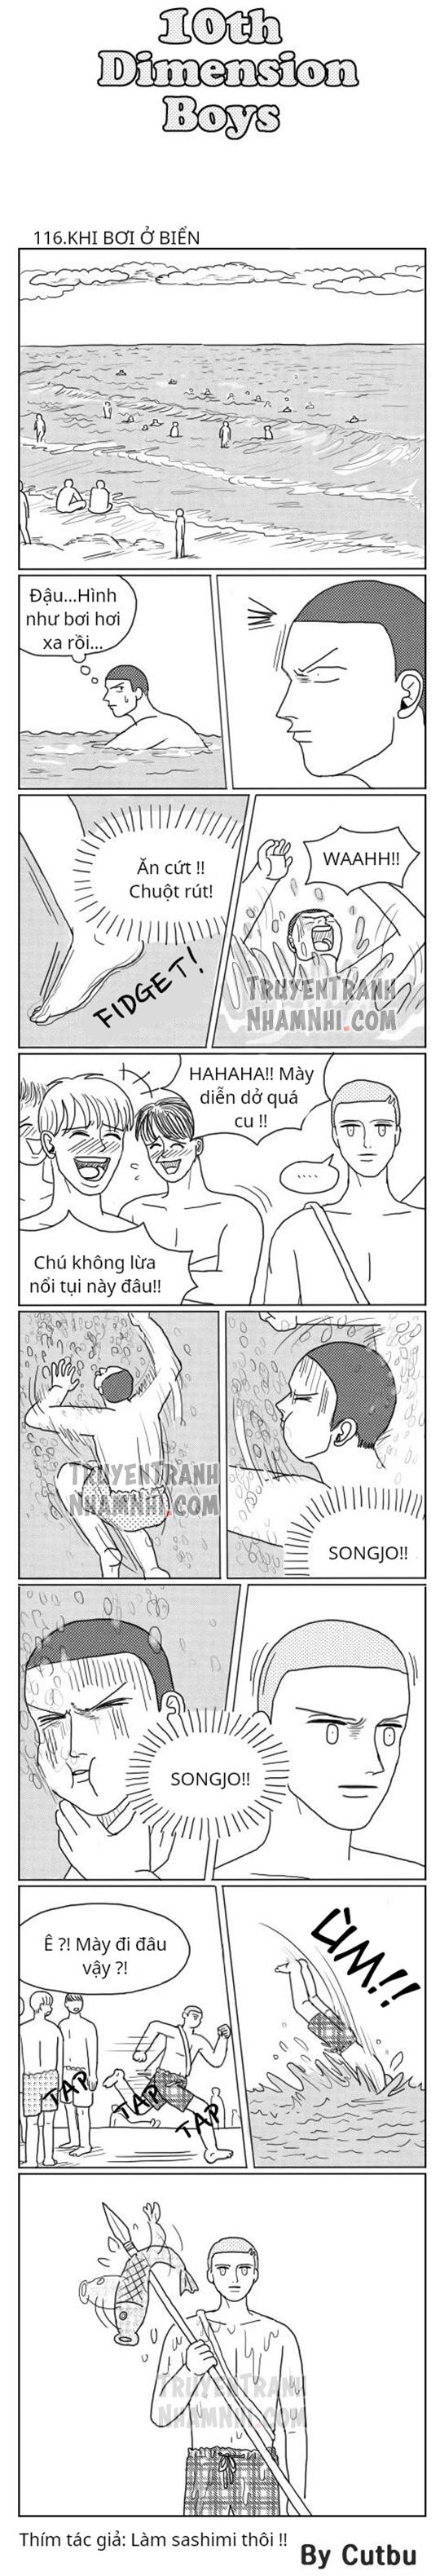 10th Dimension Boys (full bộ) #116: Khi bơi ở biển